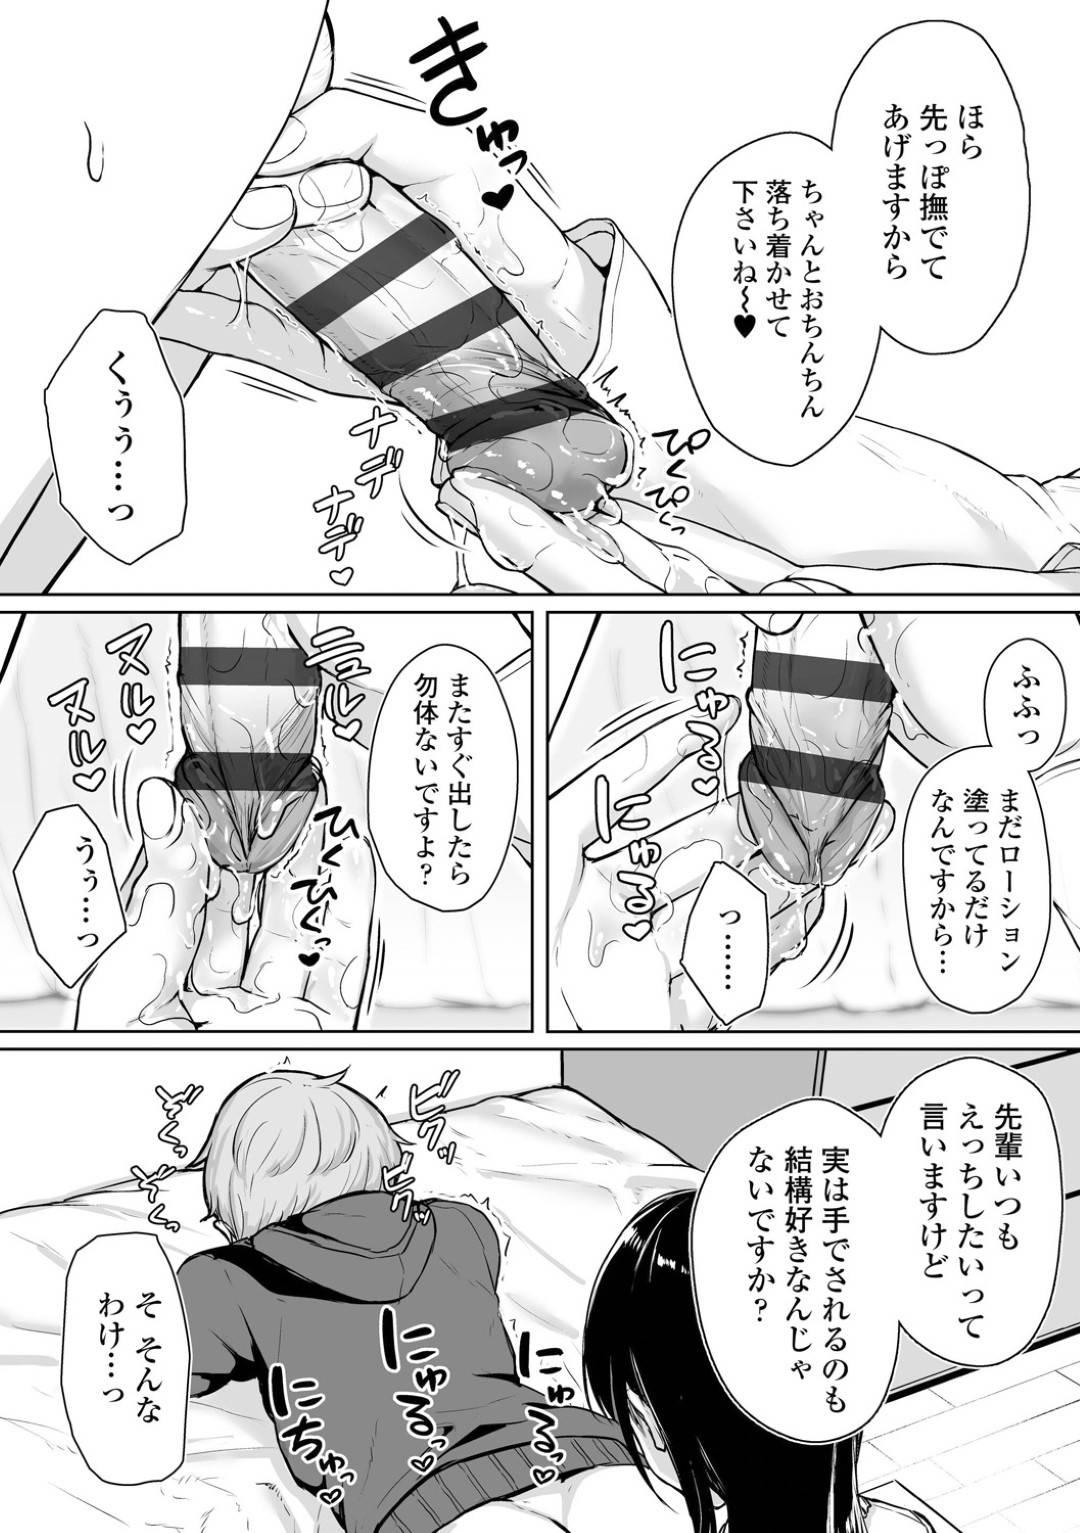 【エロ漫画】家に彼氏を呼んだ年下のイジワルな彼女は、早漏の彼氏のちんぽをいじめ倒して連続射精させる!【葵井ちづる/イジワルであまあま】